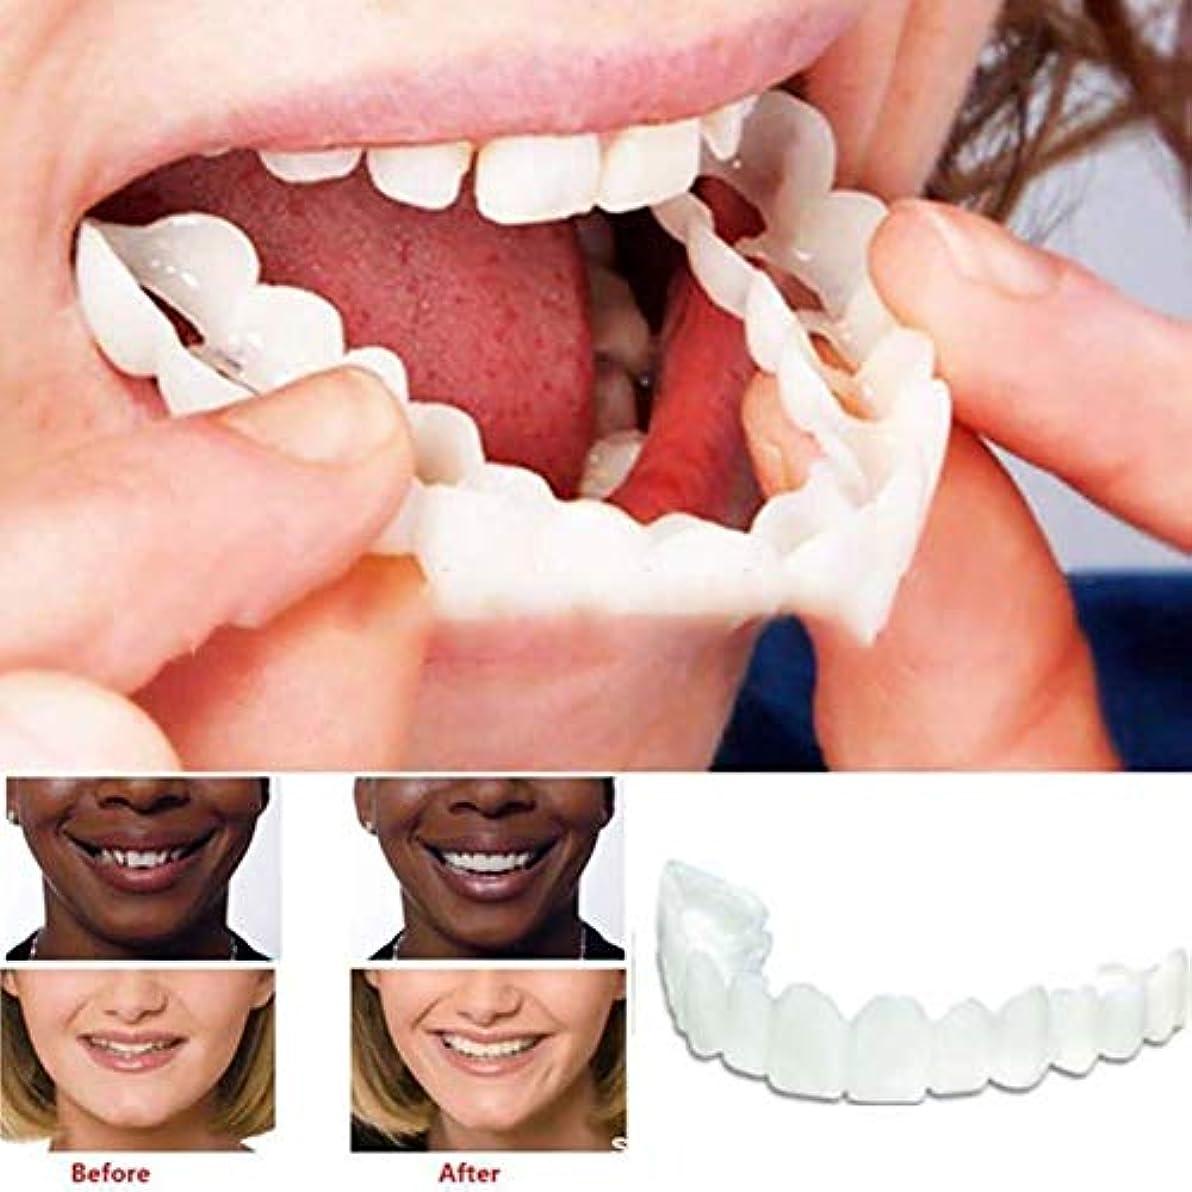 メール暫定の洞察力のある偽の歯の上の美しい即刻の歯科ベニヤの微笑の慰めの適合の屈曲の化粧品の歯義歯の歯の上の化粧品のベニヤ、ワンサイズ